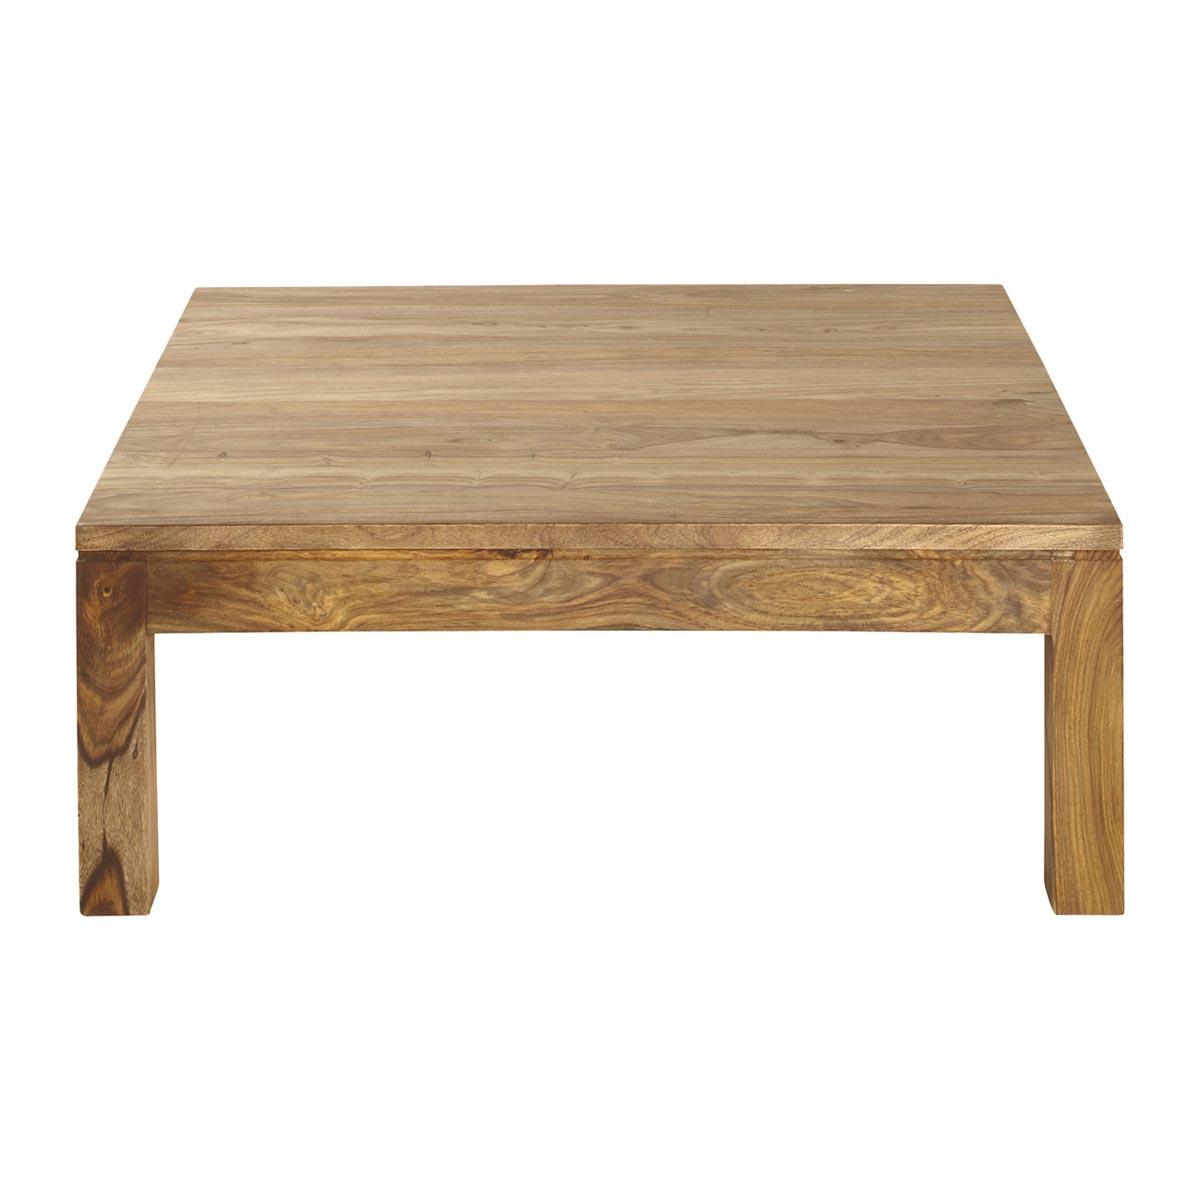 table basse carr e en bois massif design en image. Black Bedroom Furniture Sets. Home Design Ideas